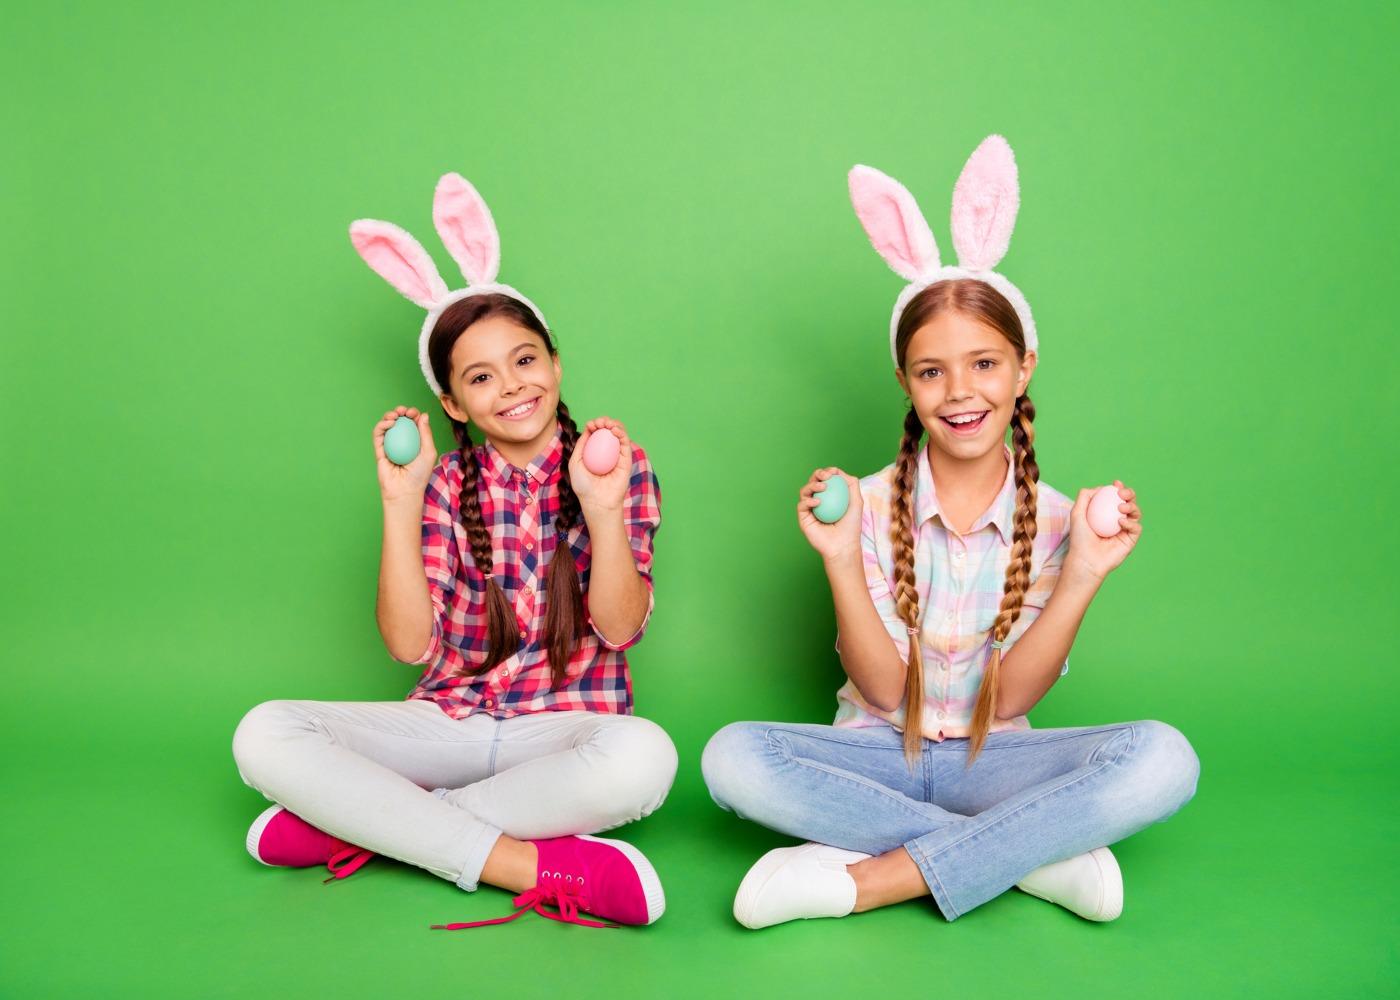 duas jovens sentadas com orelhas de coelho e ovos da páscoa nas mãos